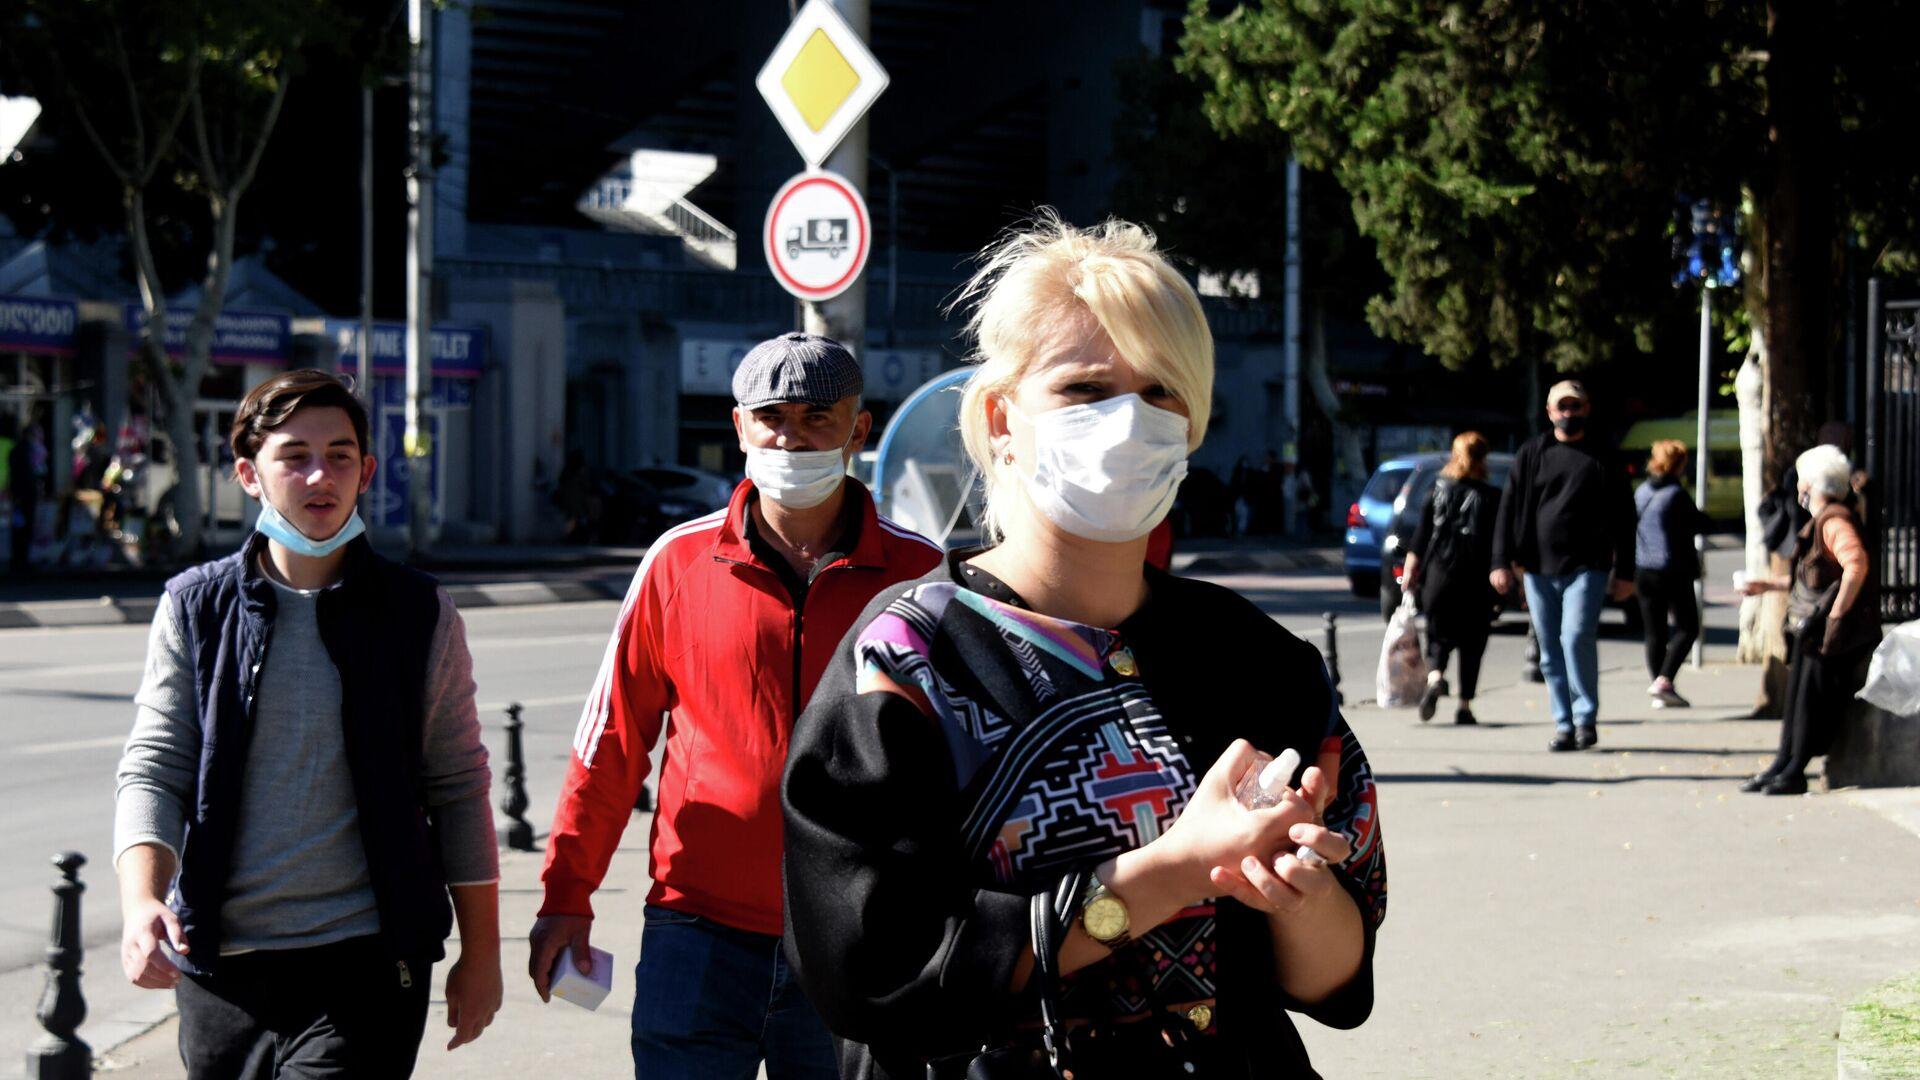 Эпидемия коронавируса - прохожие на улице в масках - Sputnik Грузия, 1920, 05.10.2021